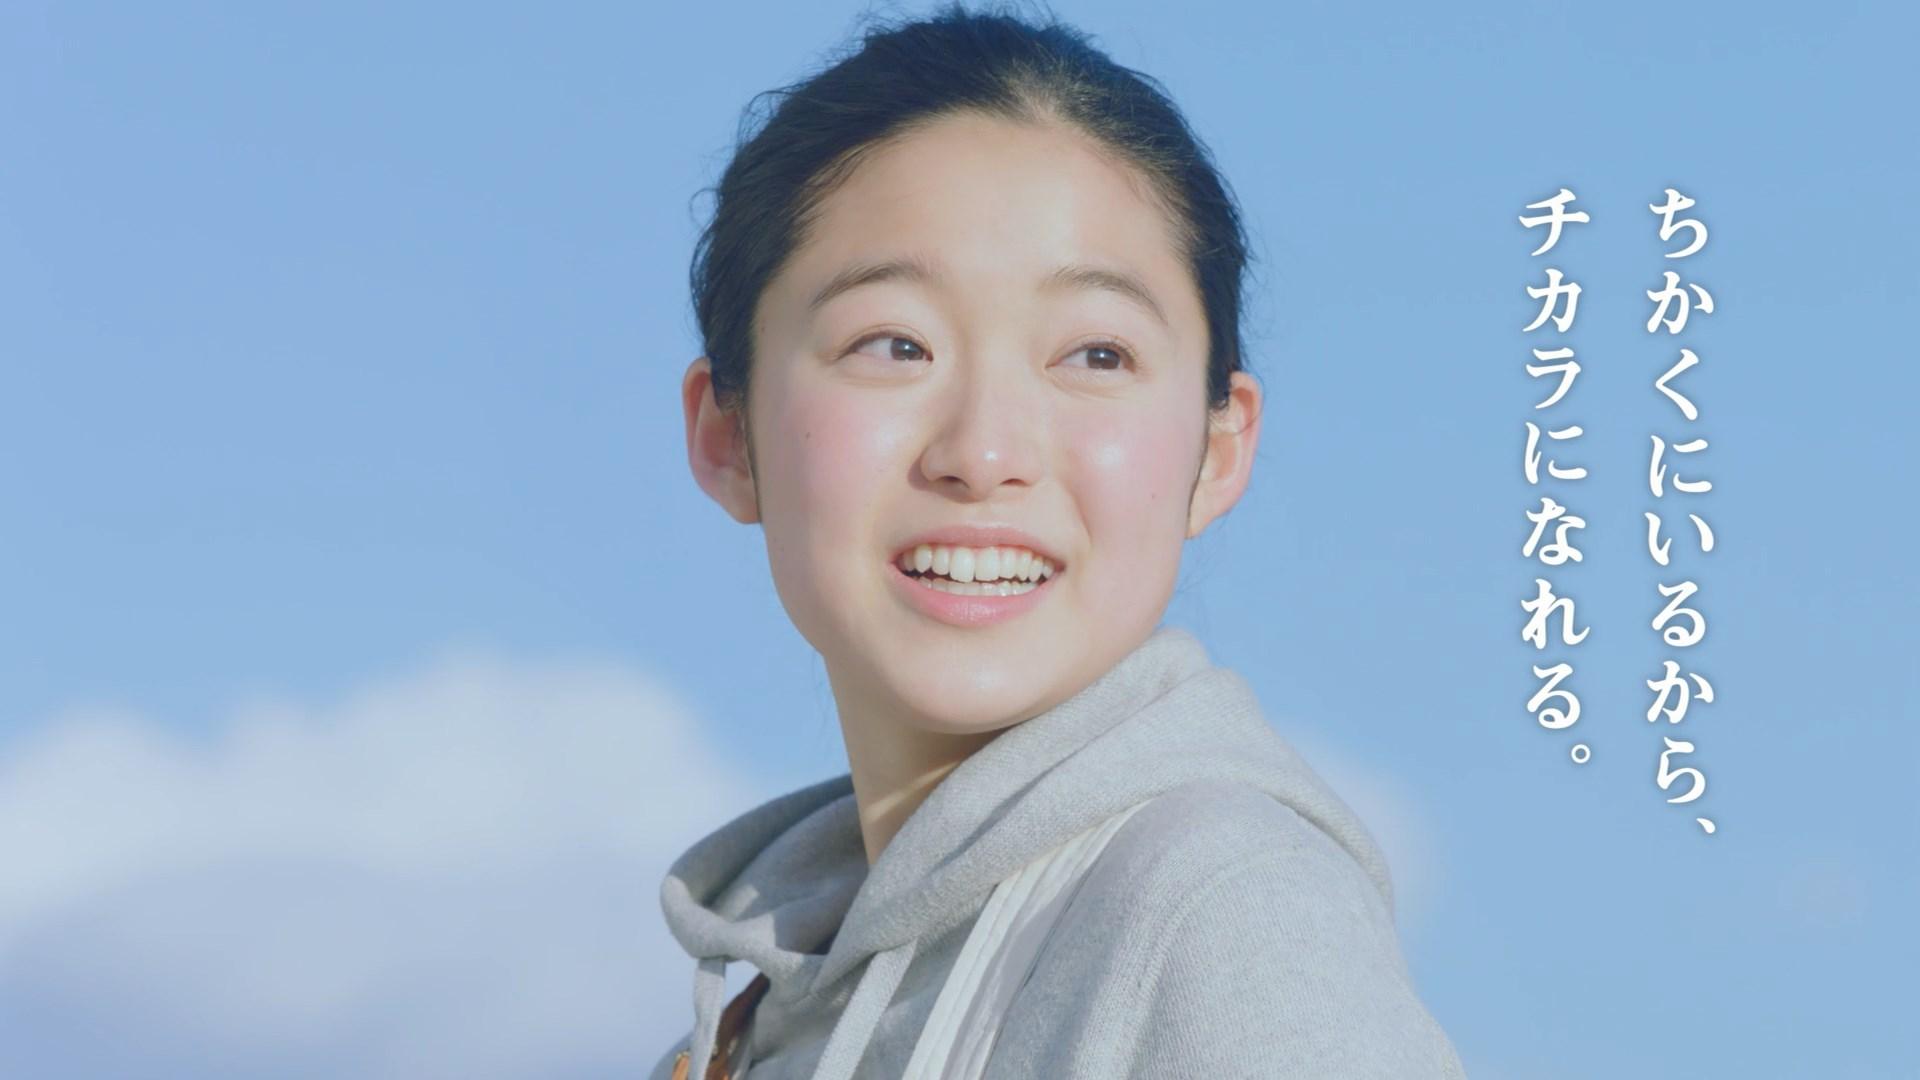 藤野涼子 しんくみ CM 全国信用組合中央協会